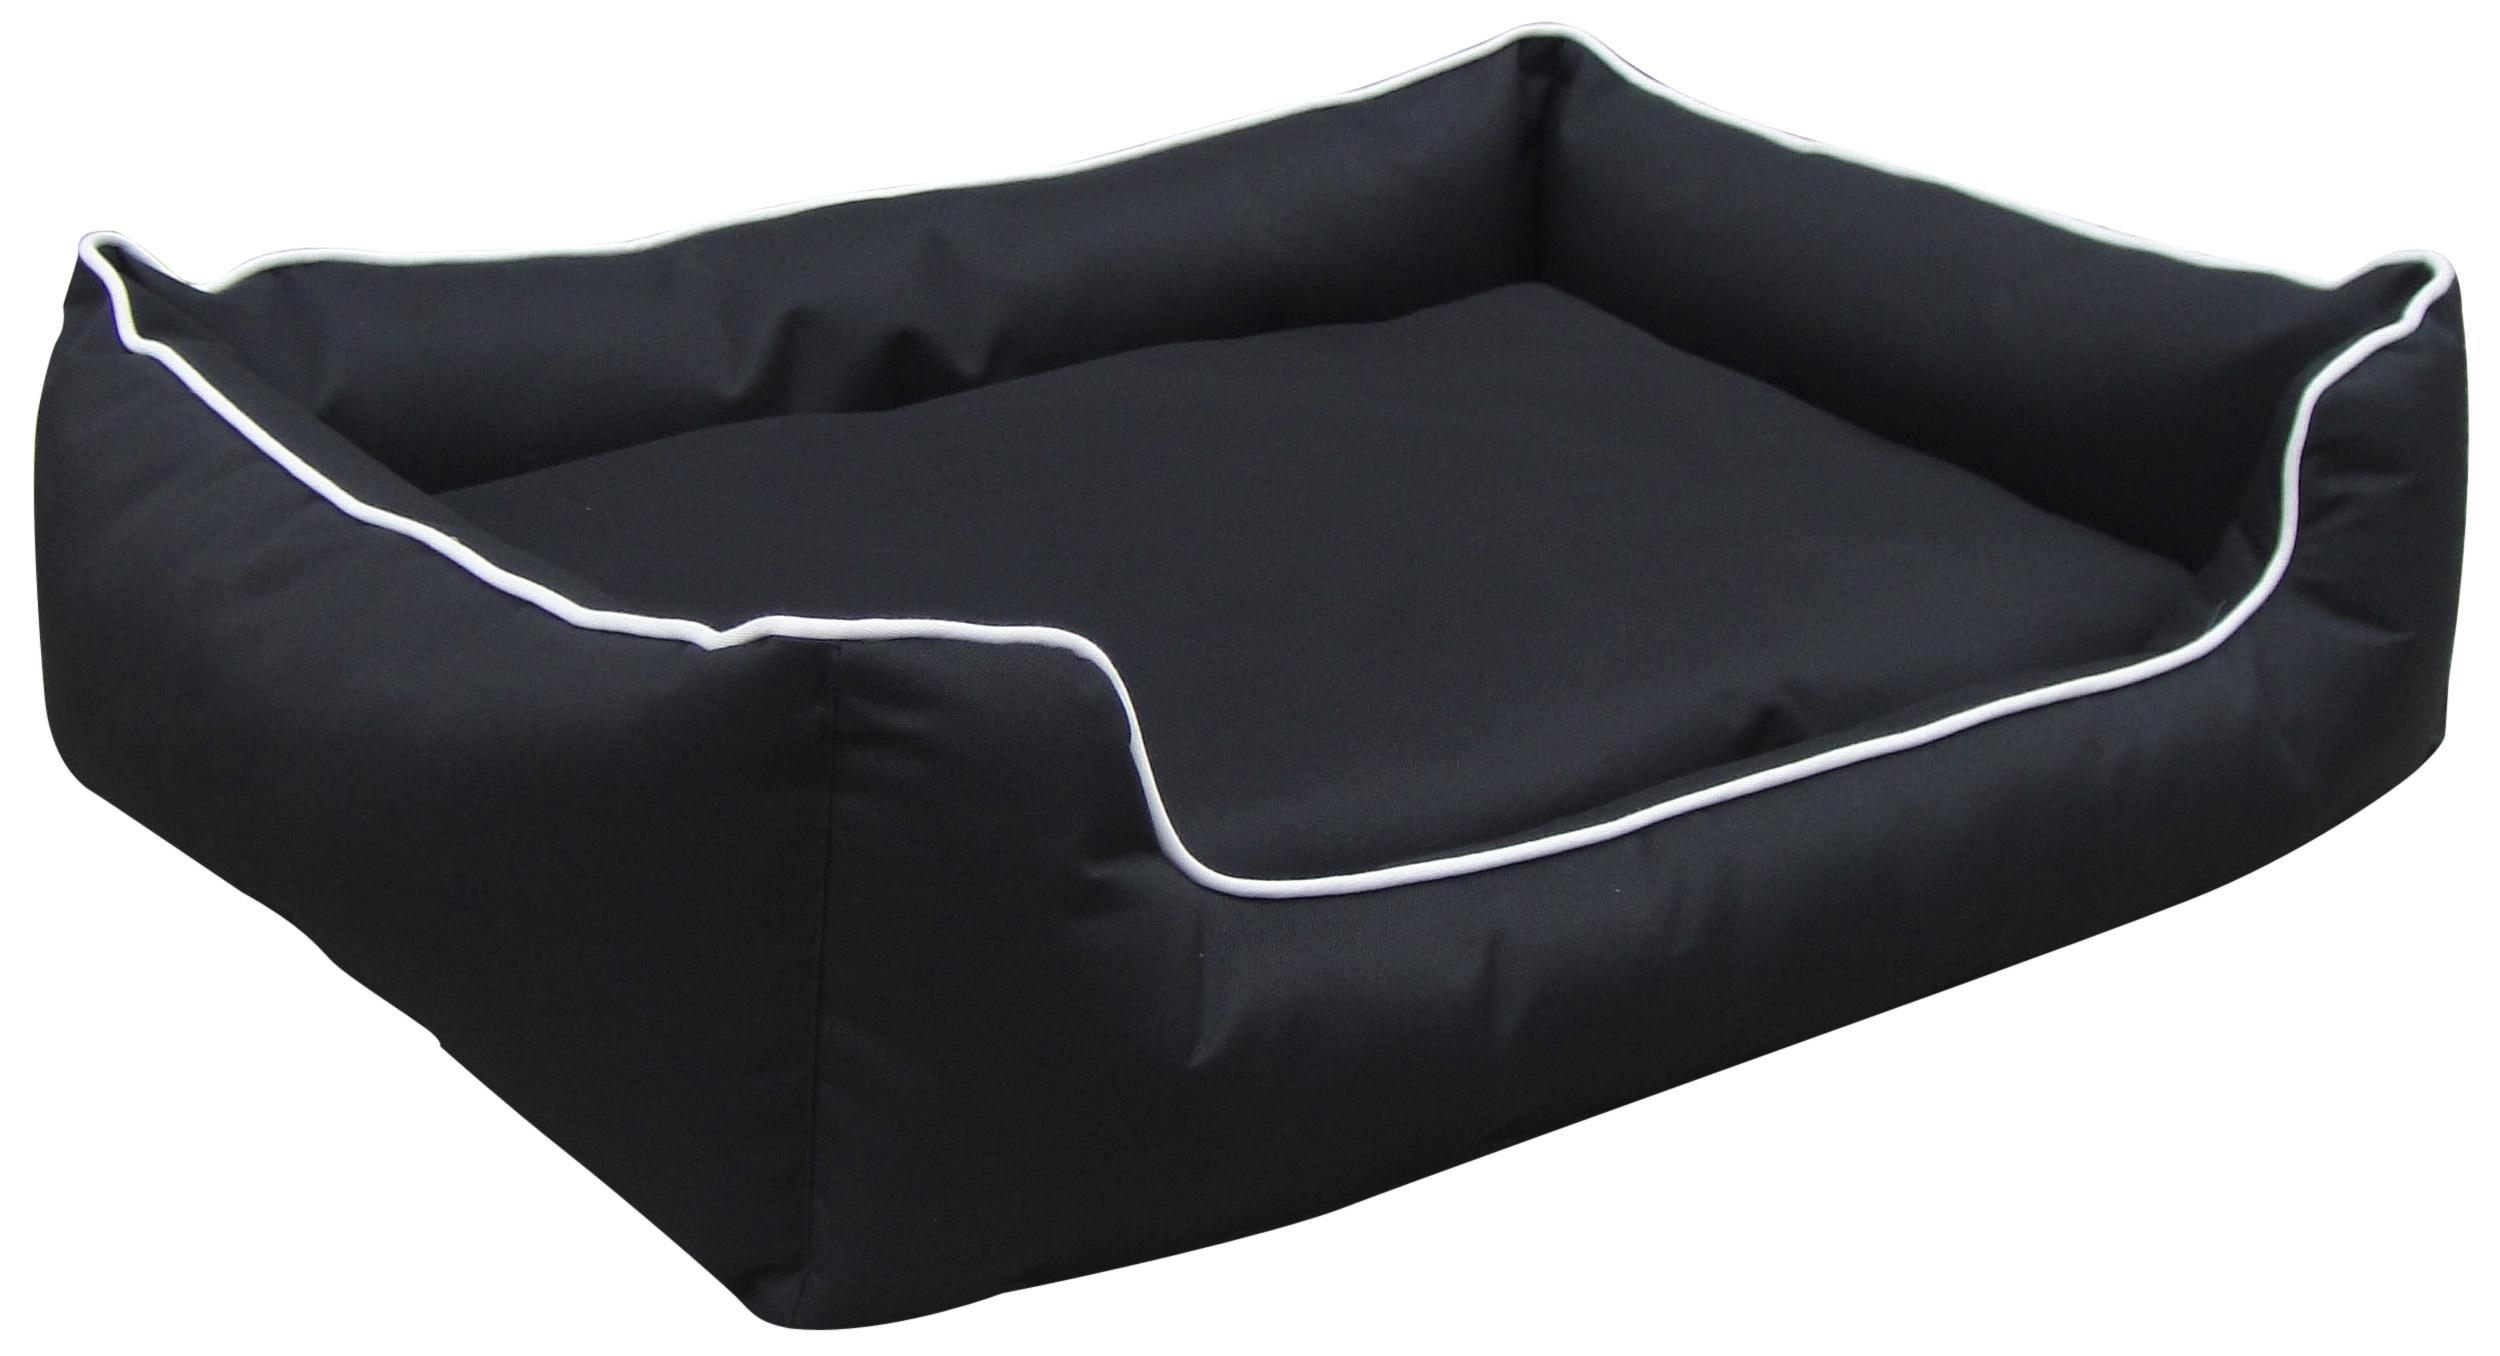 Heavy Duty Waterproof Dog Bed - Small  Z2430